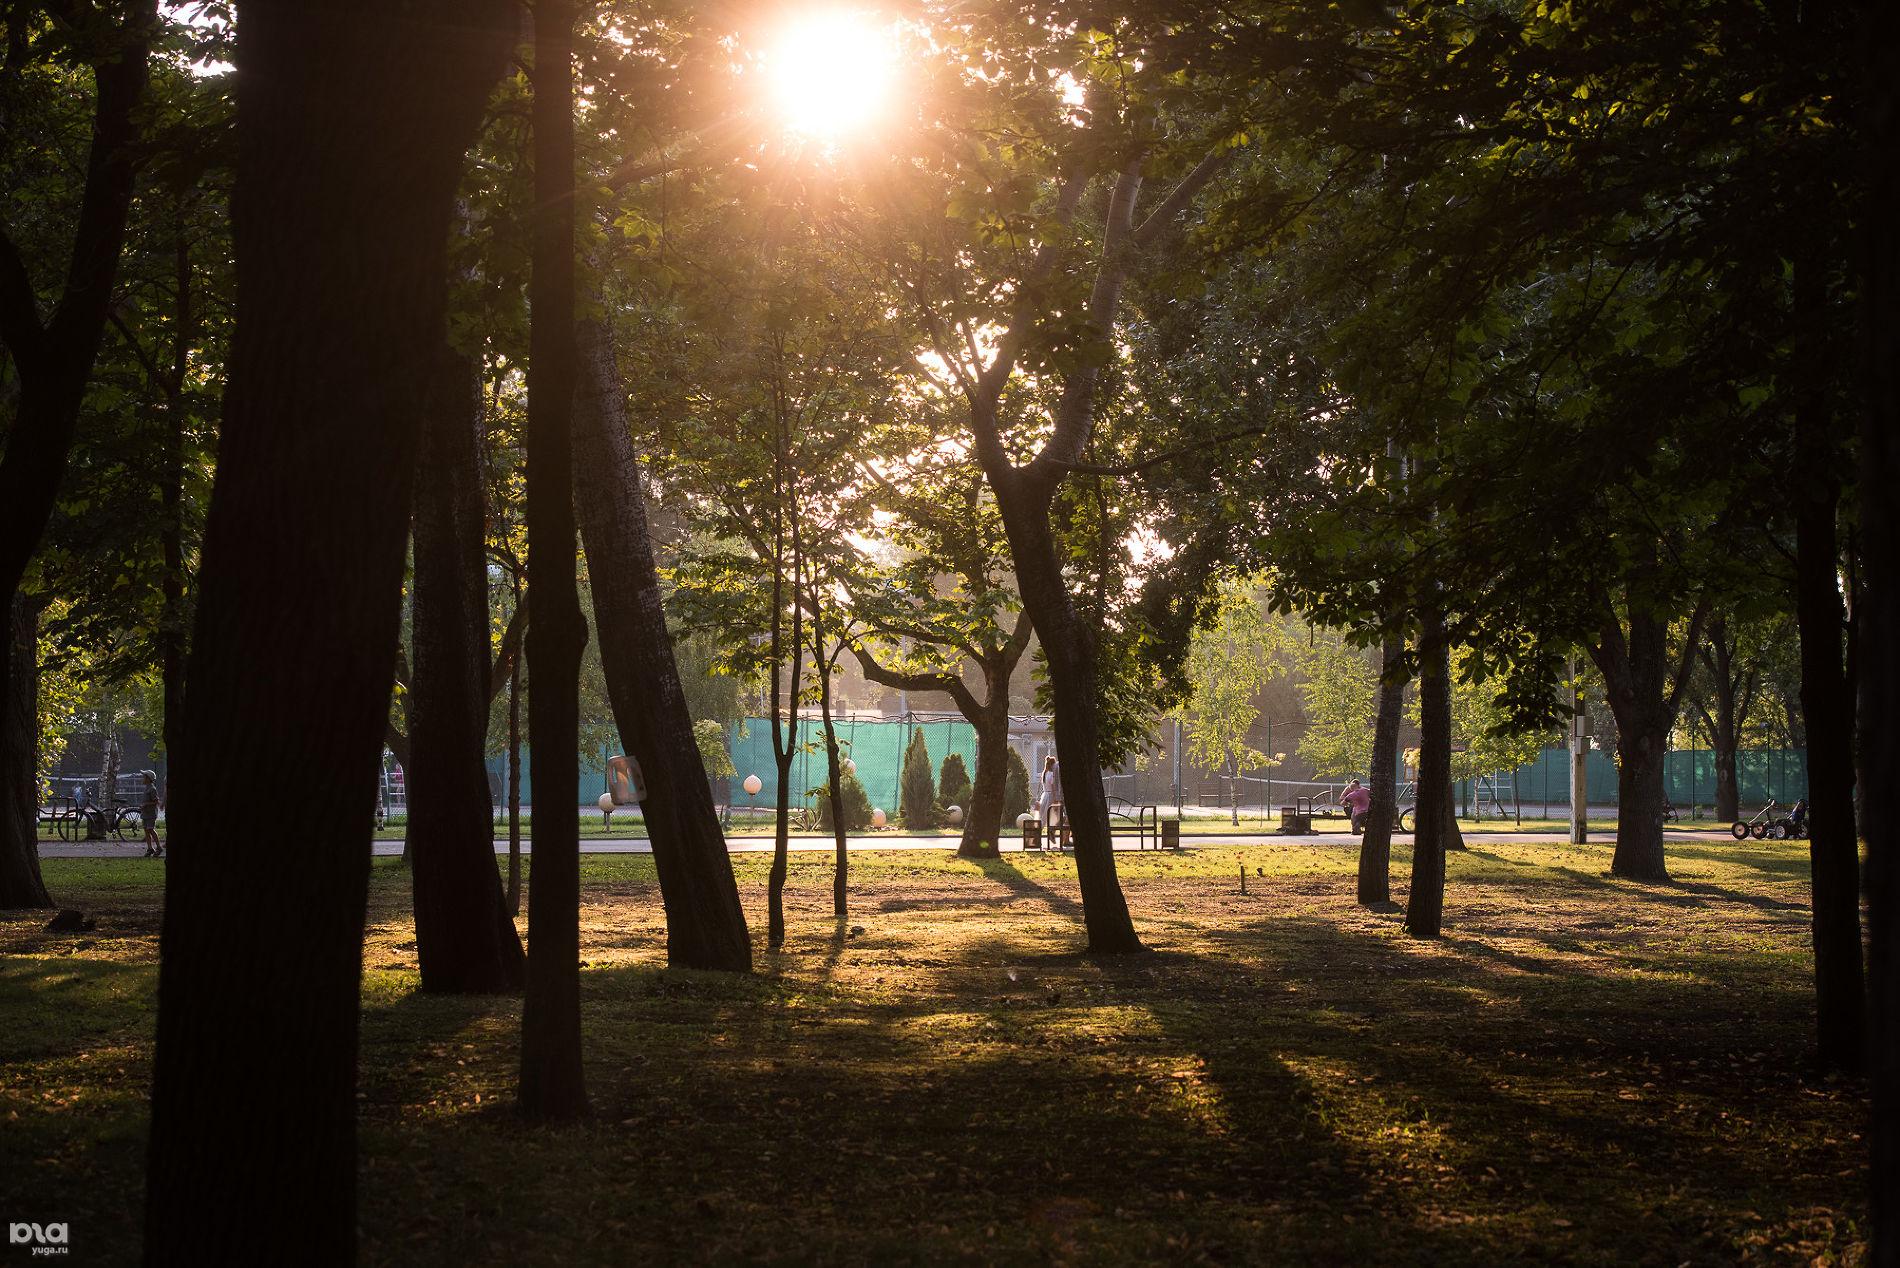 «Солнечный остров» ©Фото Елены Синеок, Юга.ру